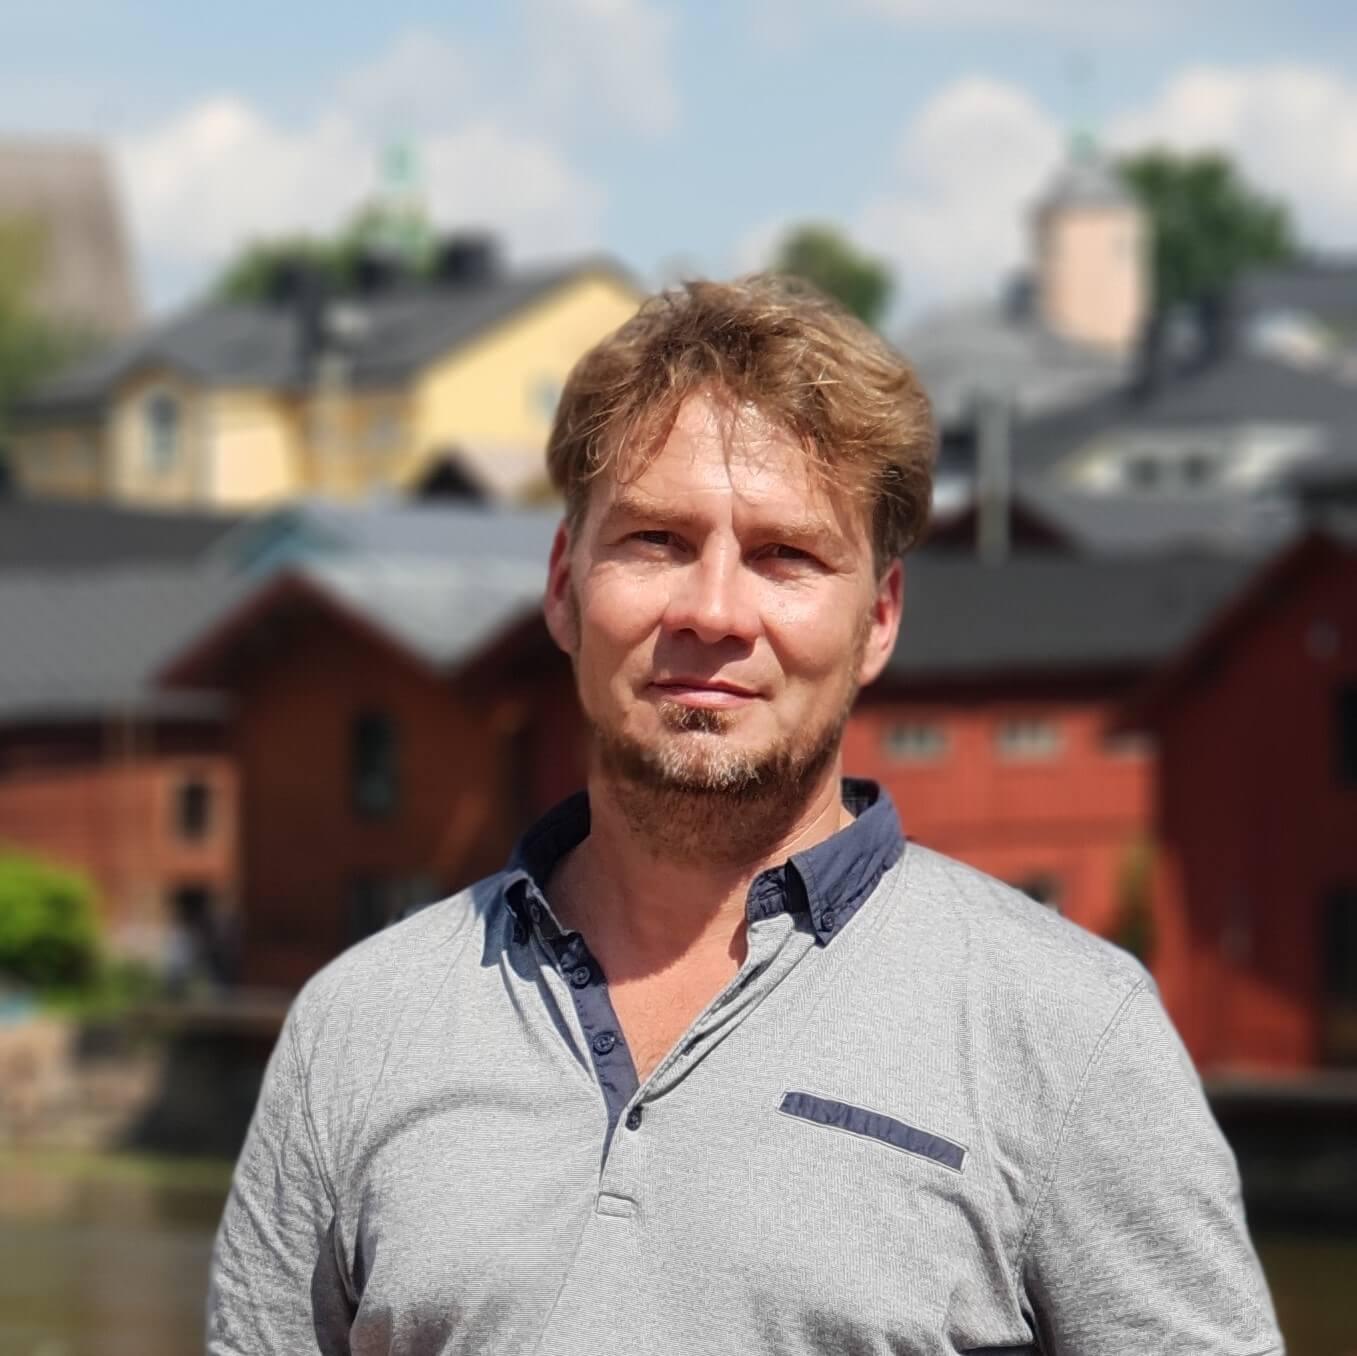 Heikki Kilkson